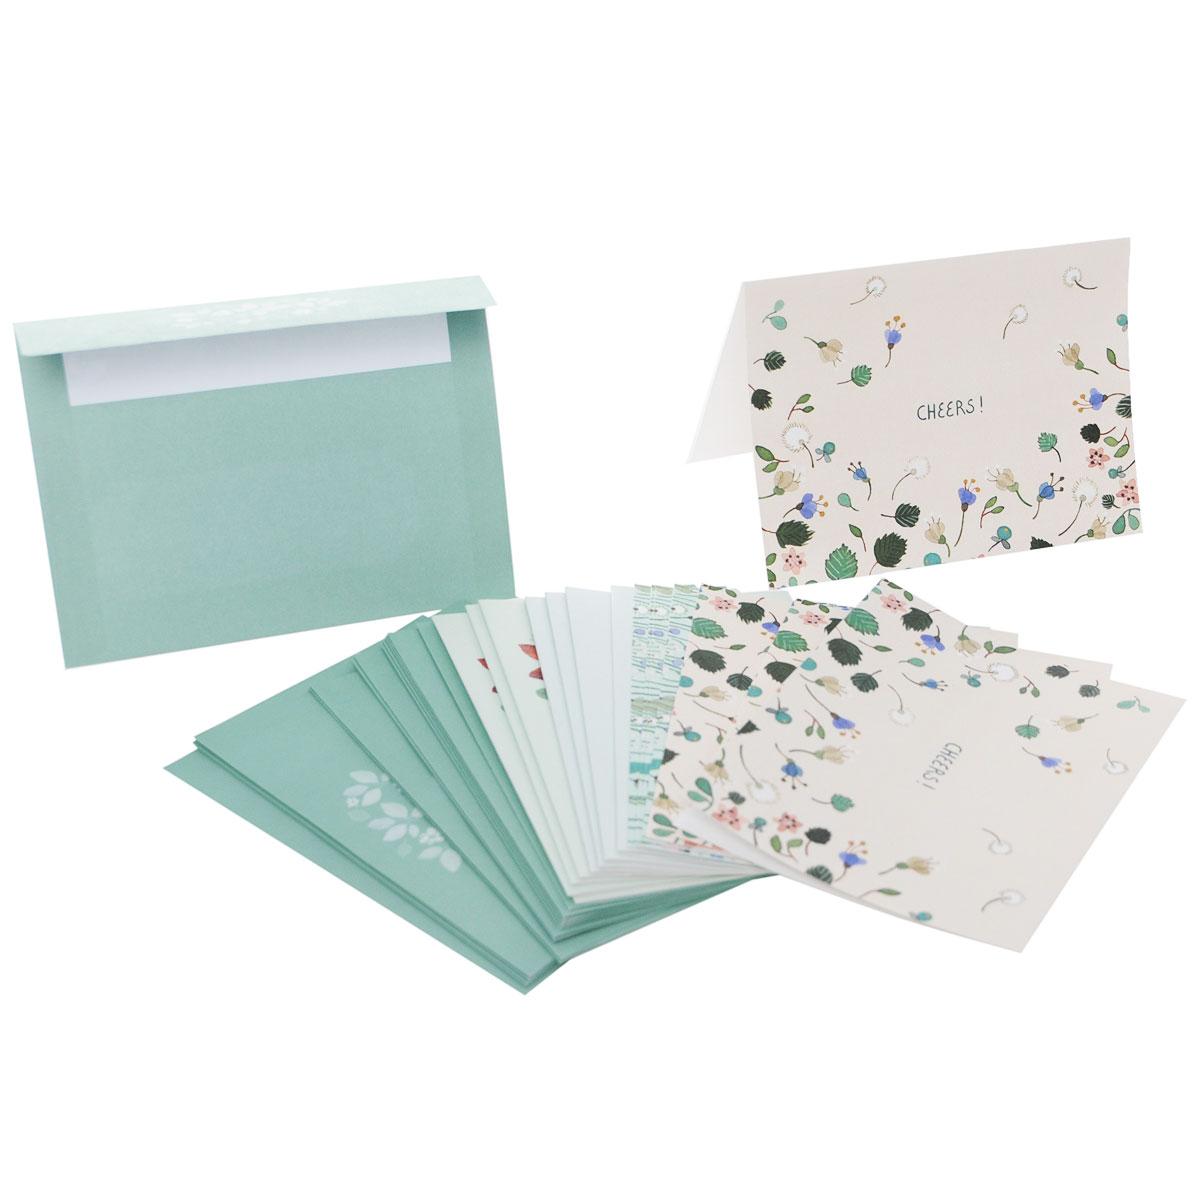 Dandelion Fields: Notecards